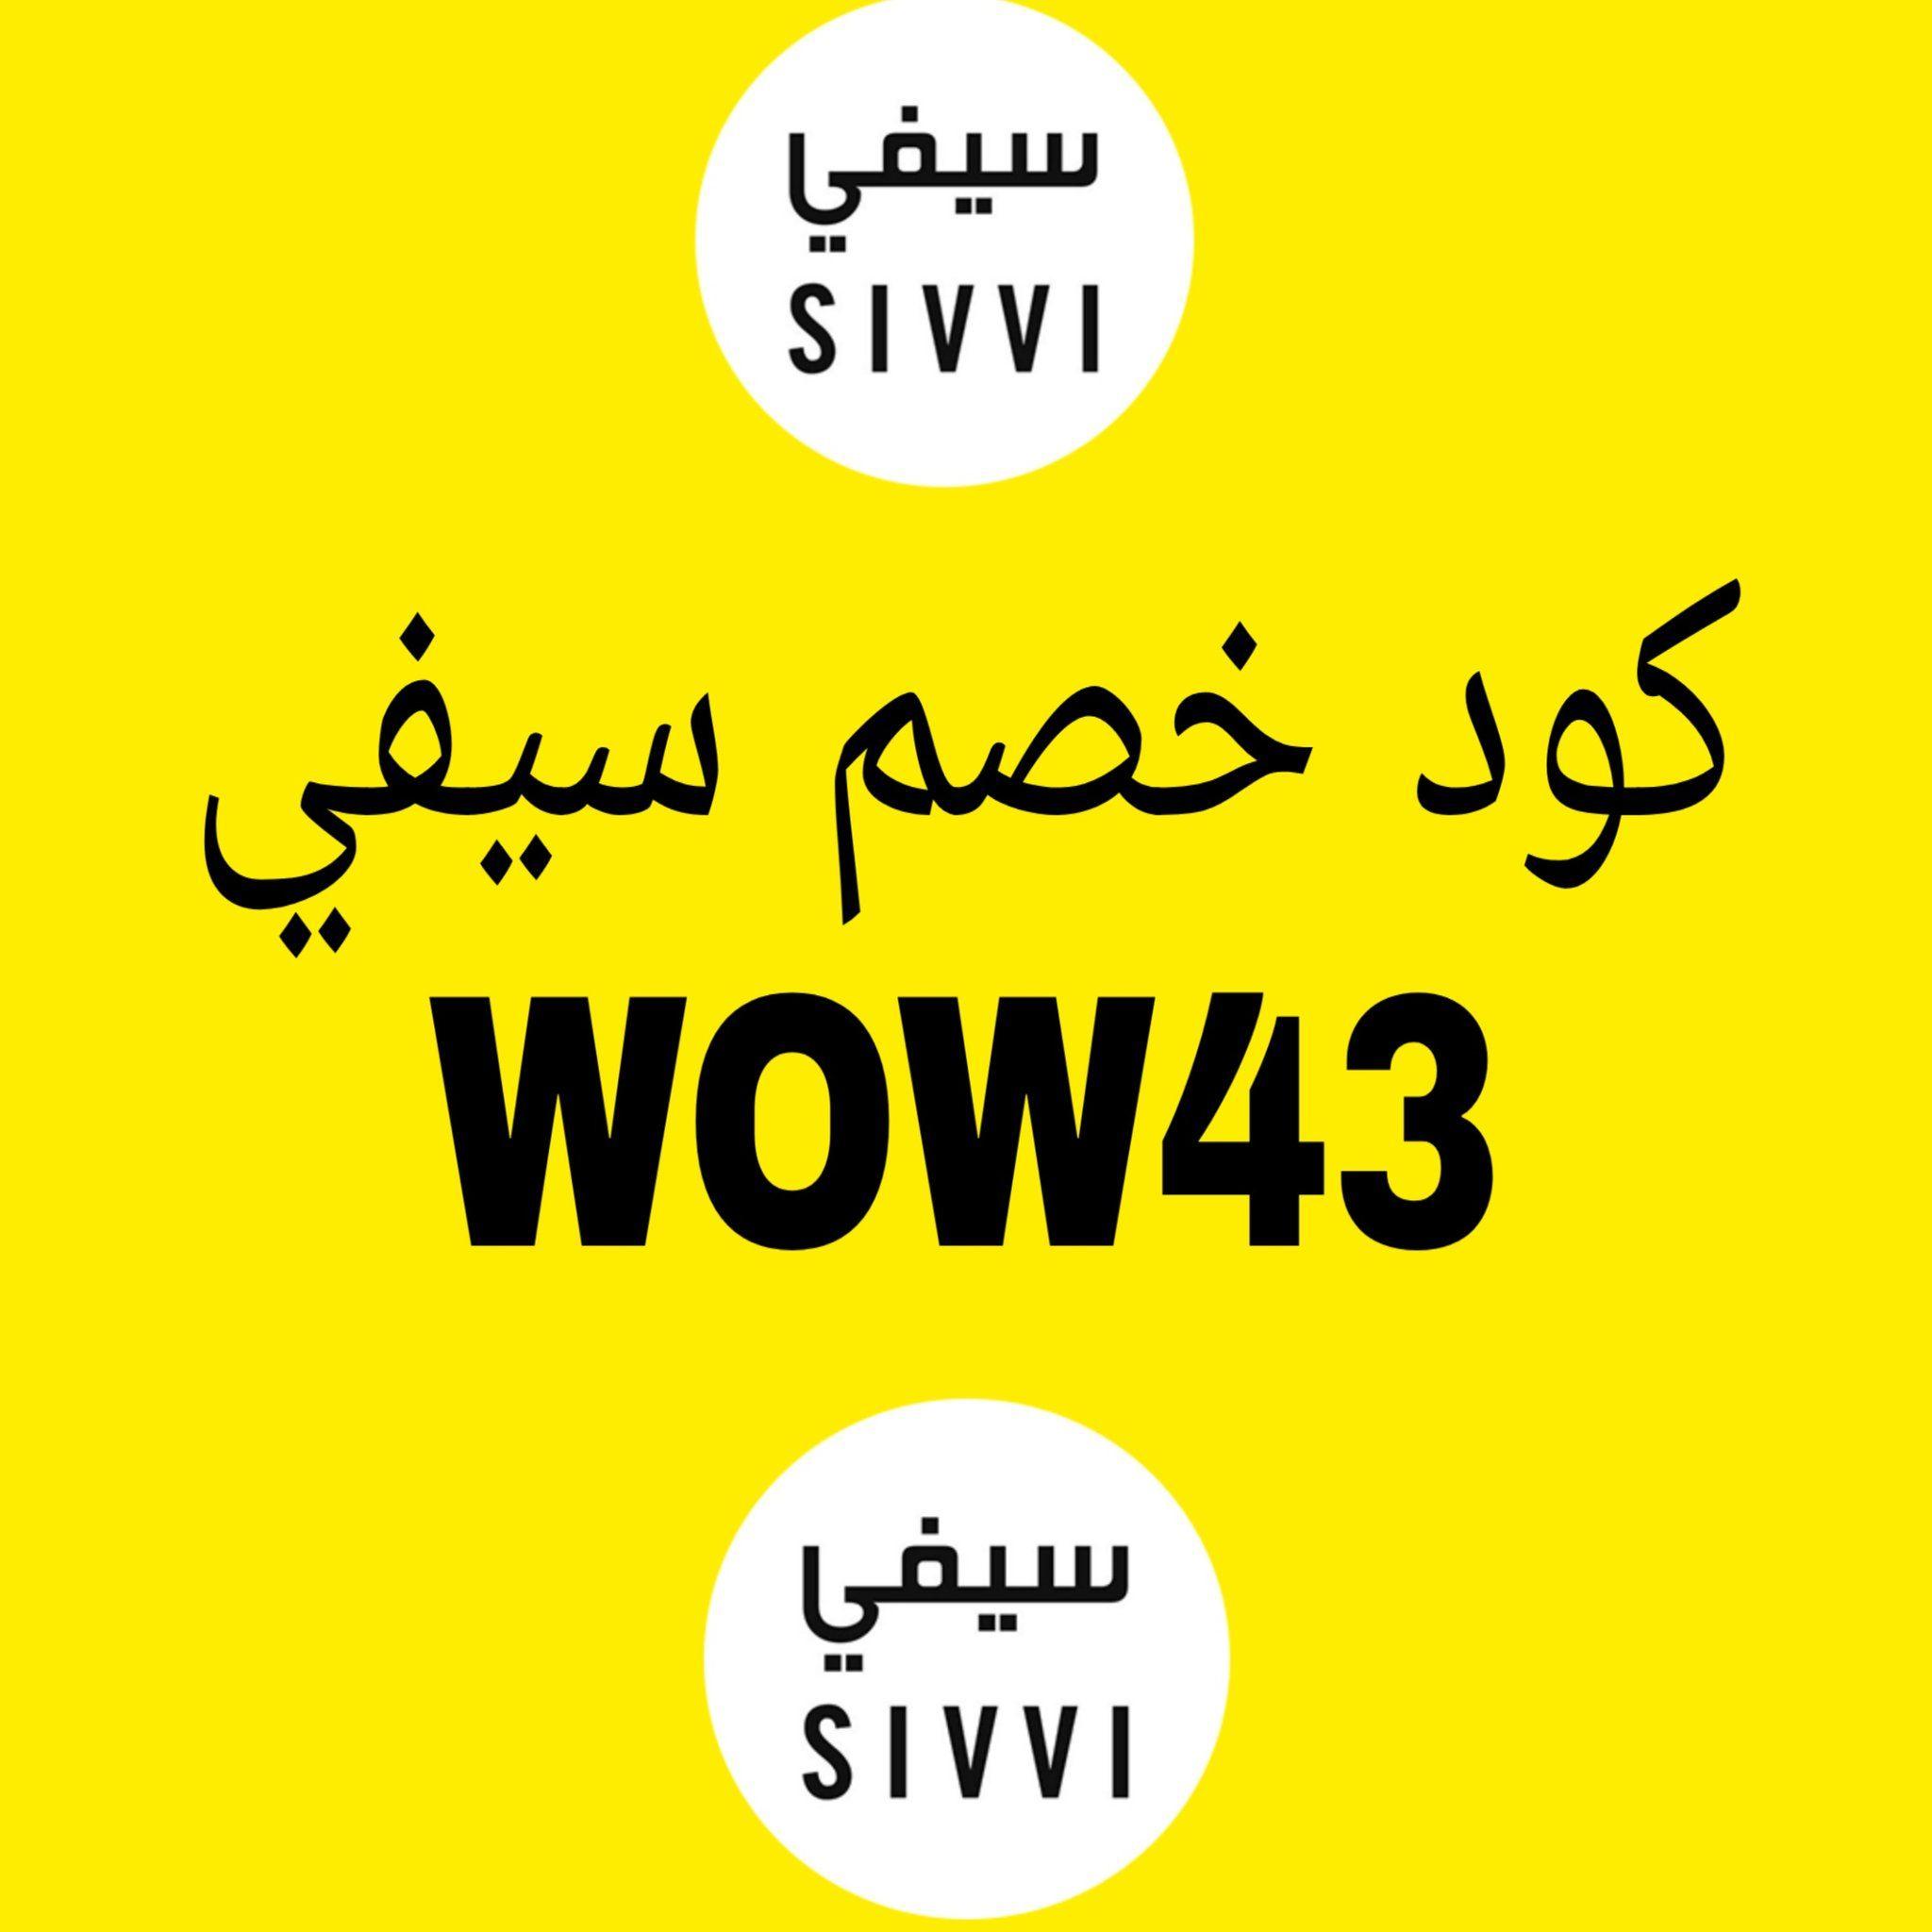 كود خصم سيفي Wow43 Tech Company Logos Company Logo Logos